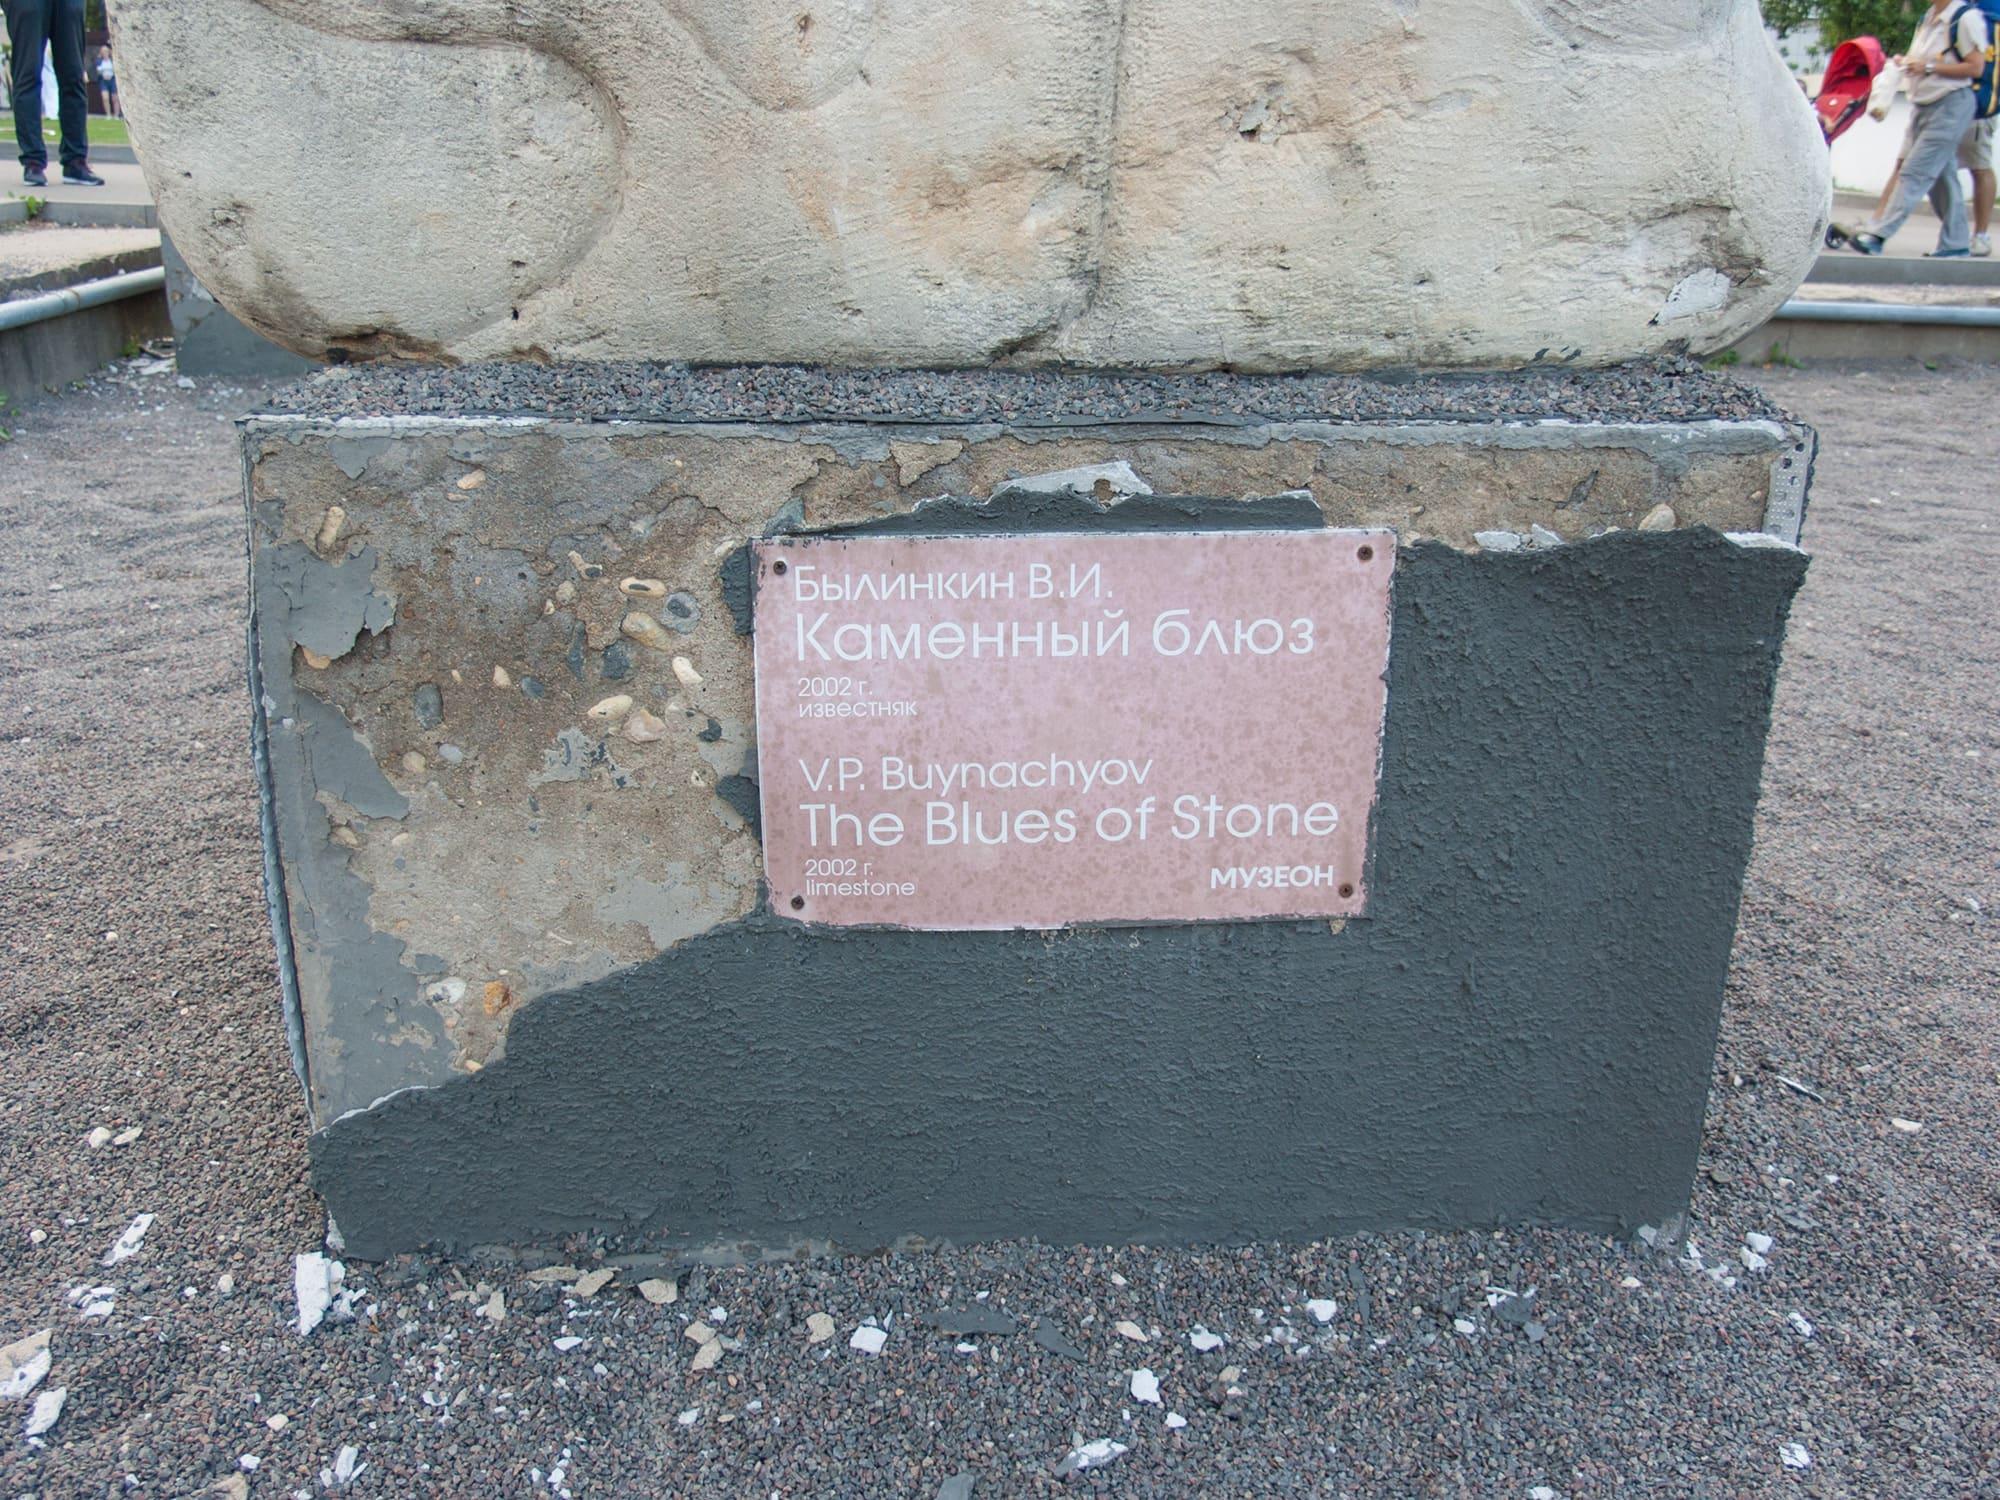 """Скульптура """"Каменный блюз"""" в парке искусств """"Музеон"""""""